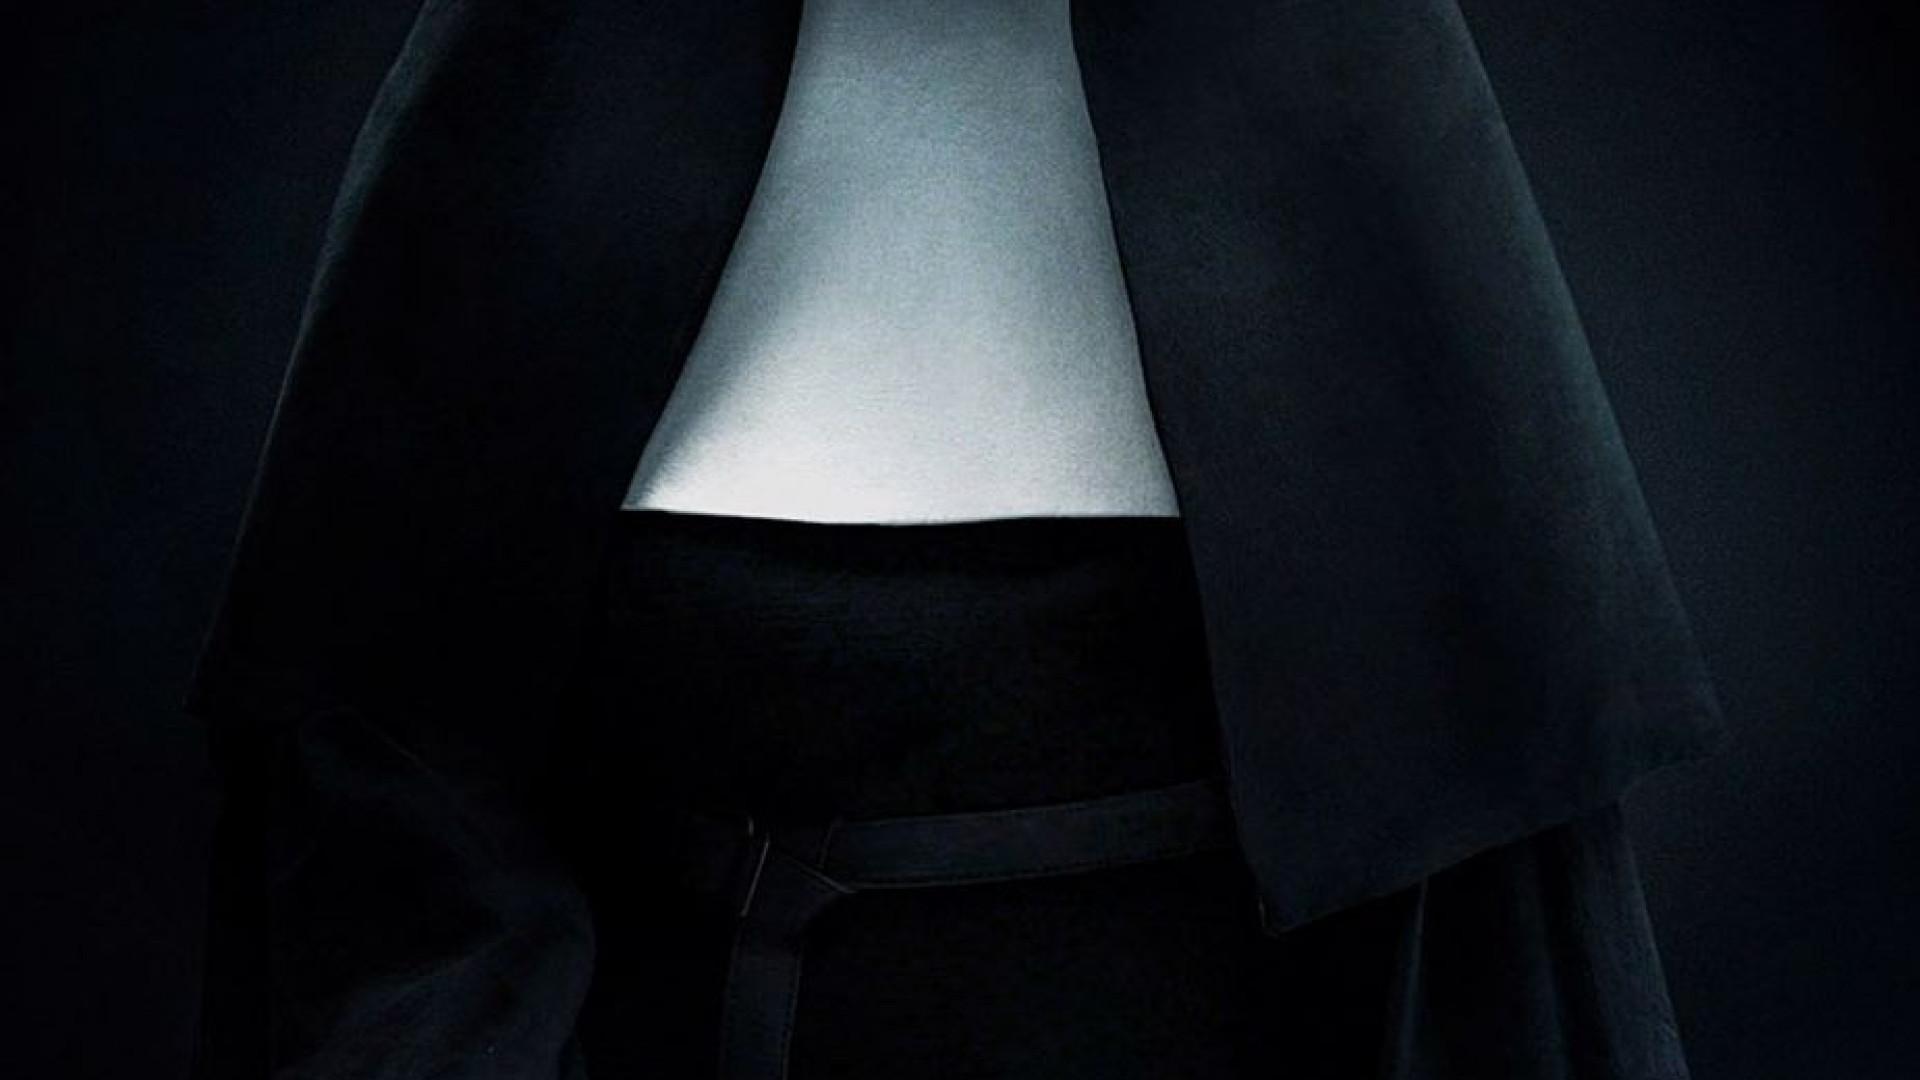 Liderança do box-office continua 'assombrada' por uma 'Freira Maldita'